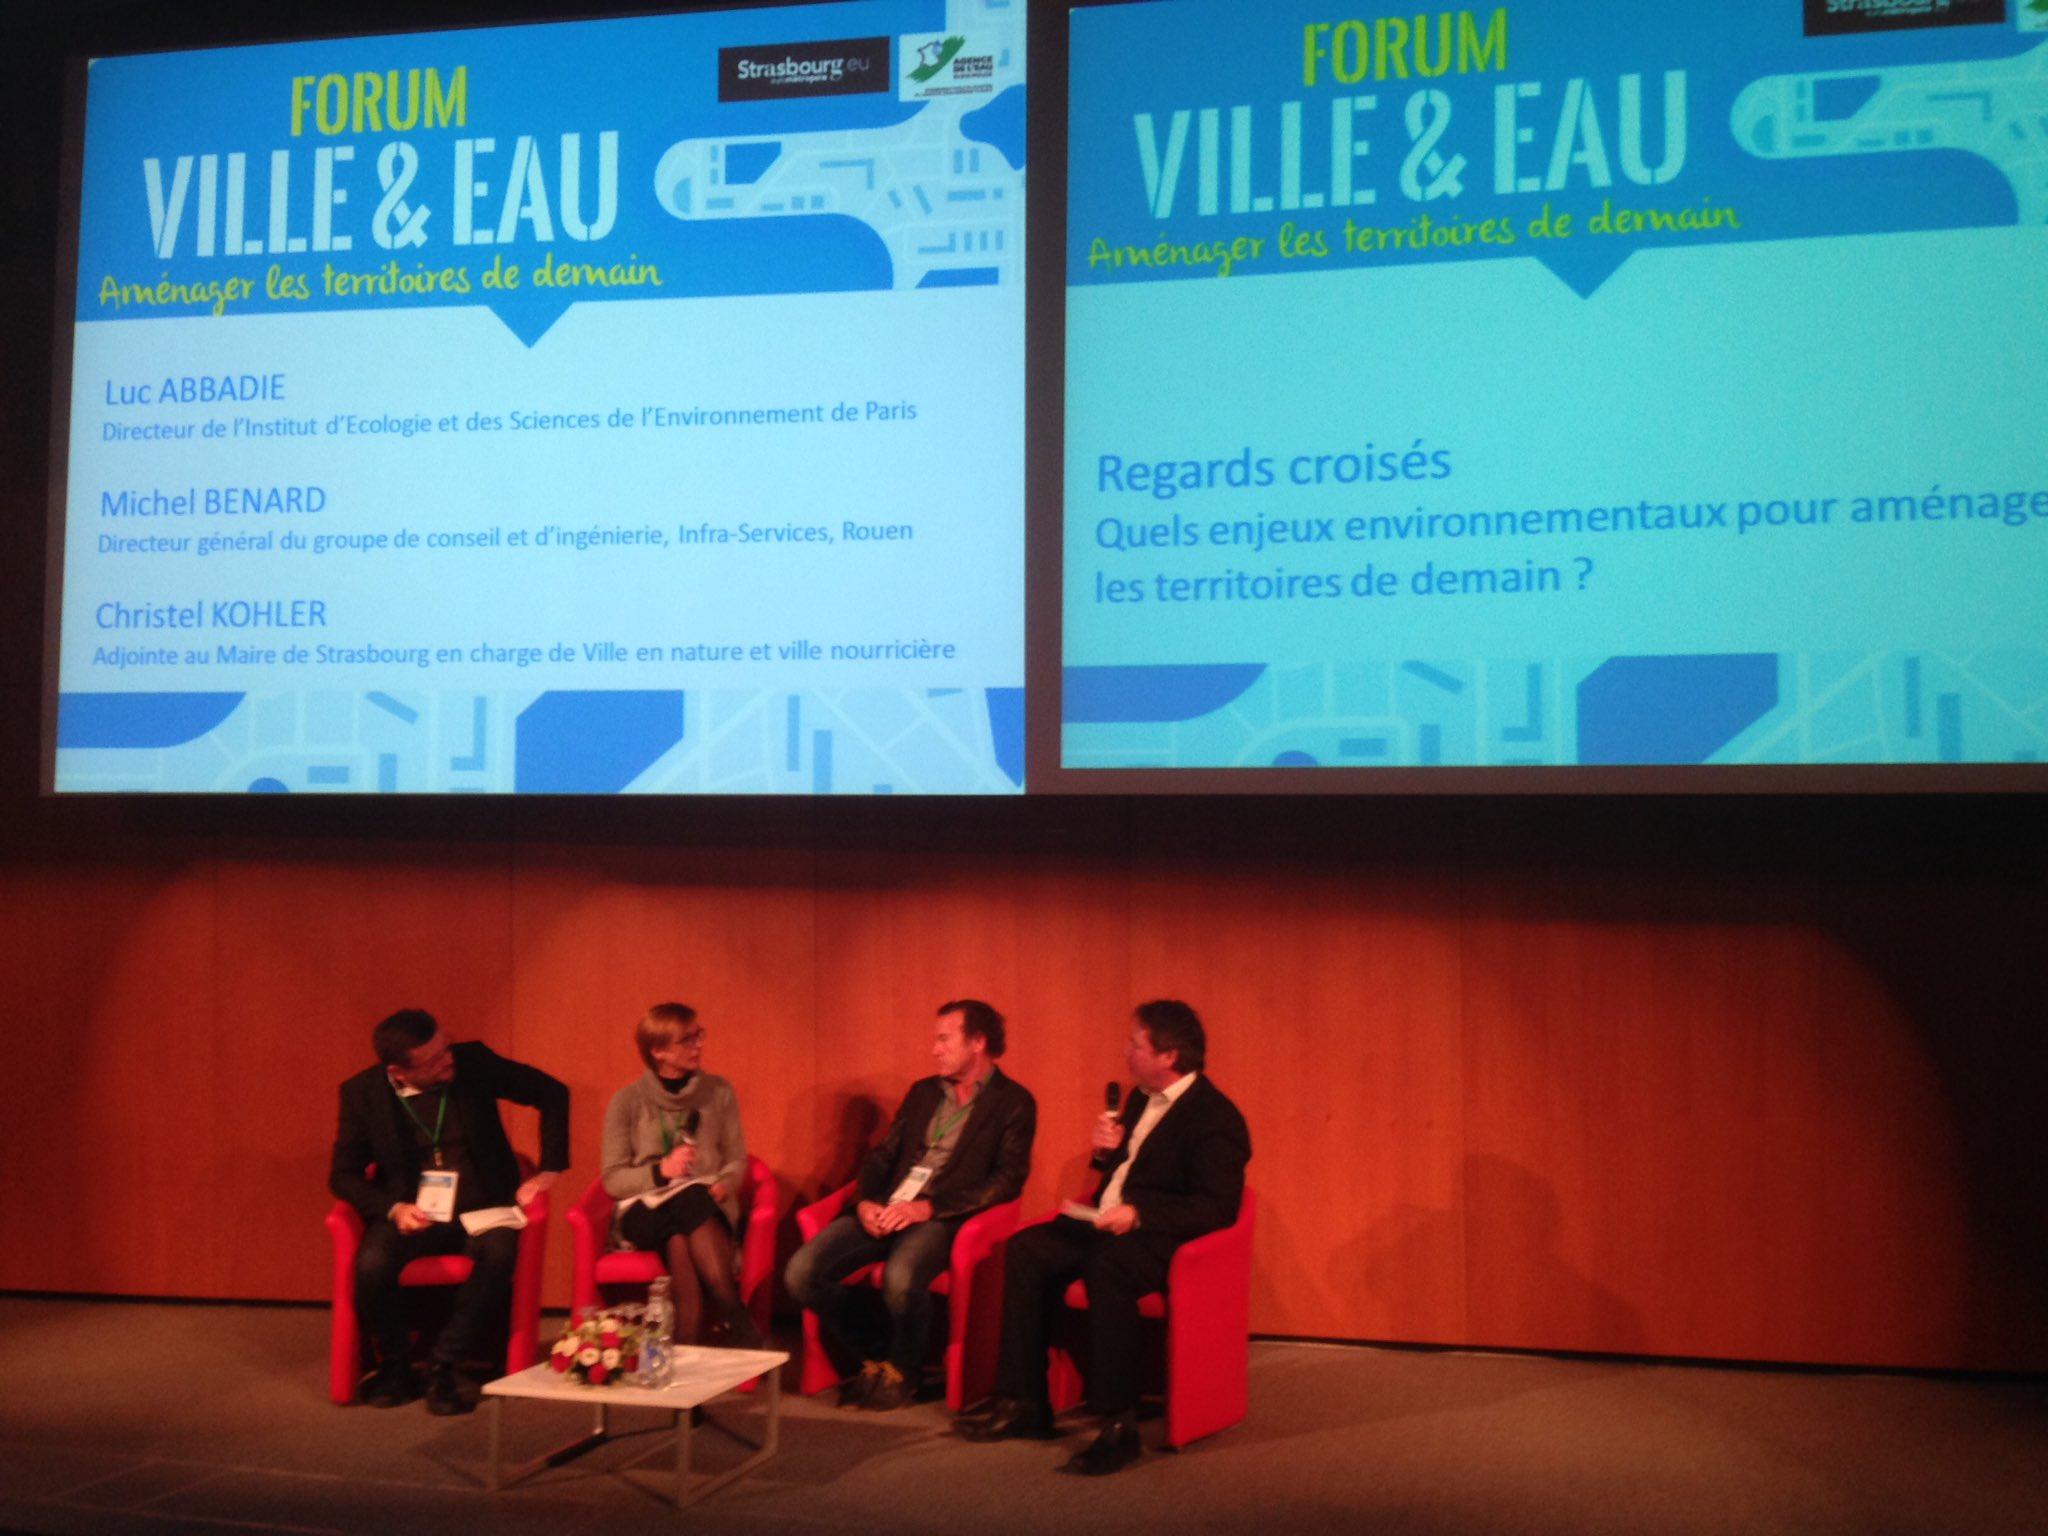 1ère table ronde : quels enjeux environnementaux pour aménager les #territoires de demain #villeeteau https://t.co/490srQh4kx